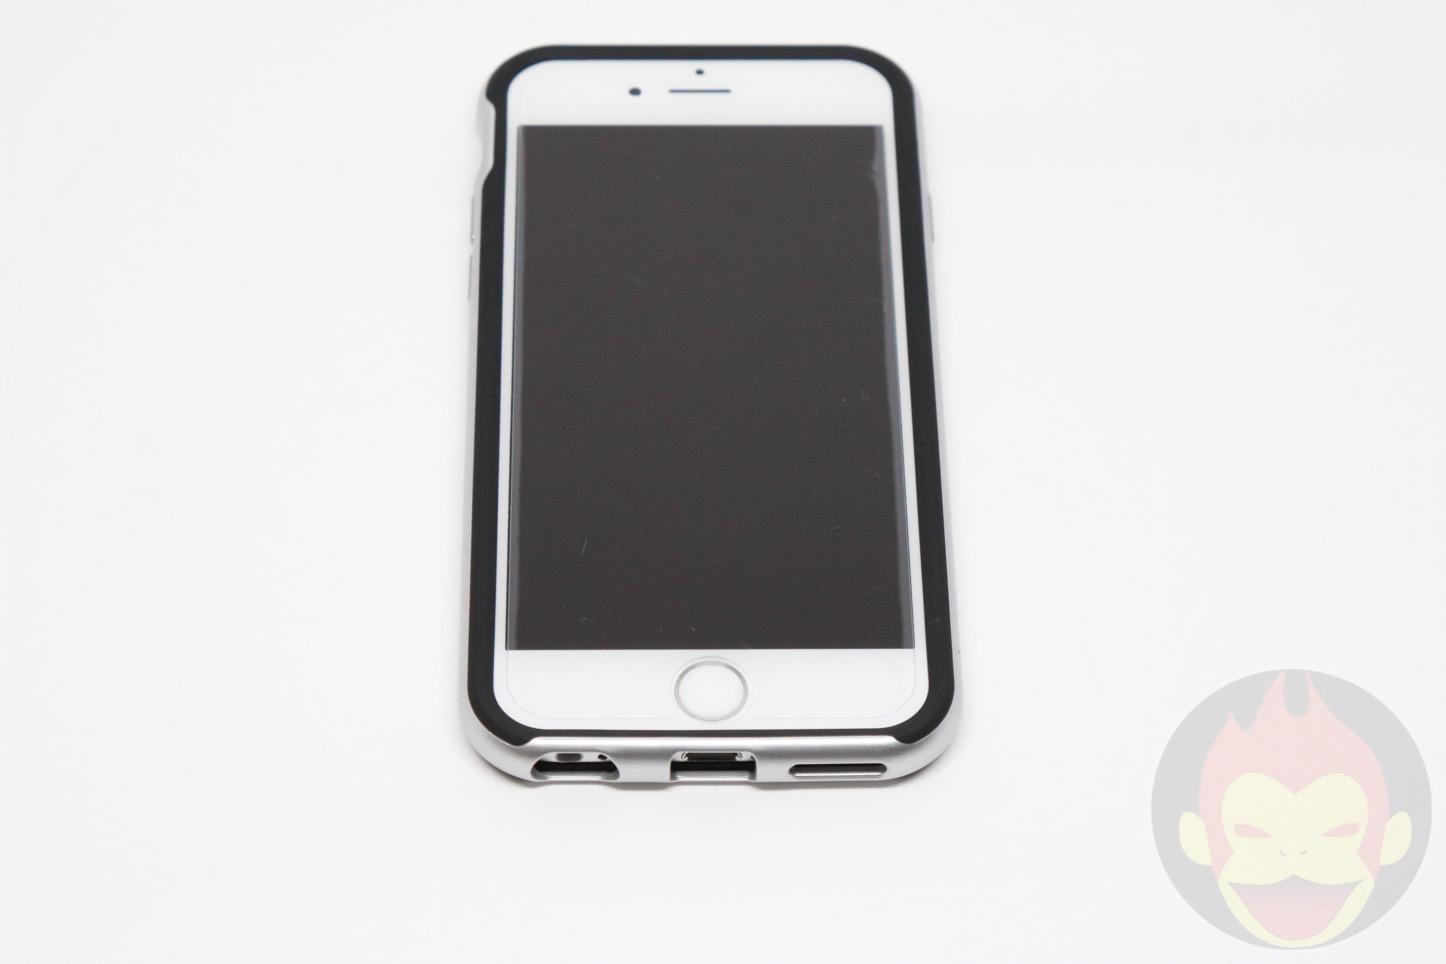 iPhone6s-Spigen-Neo-Hybrid-Case-11.JPG